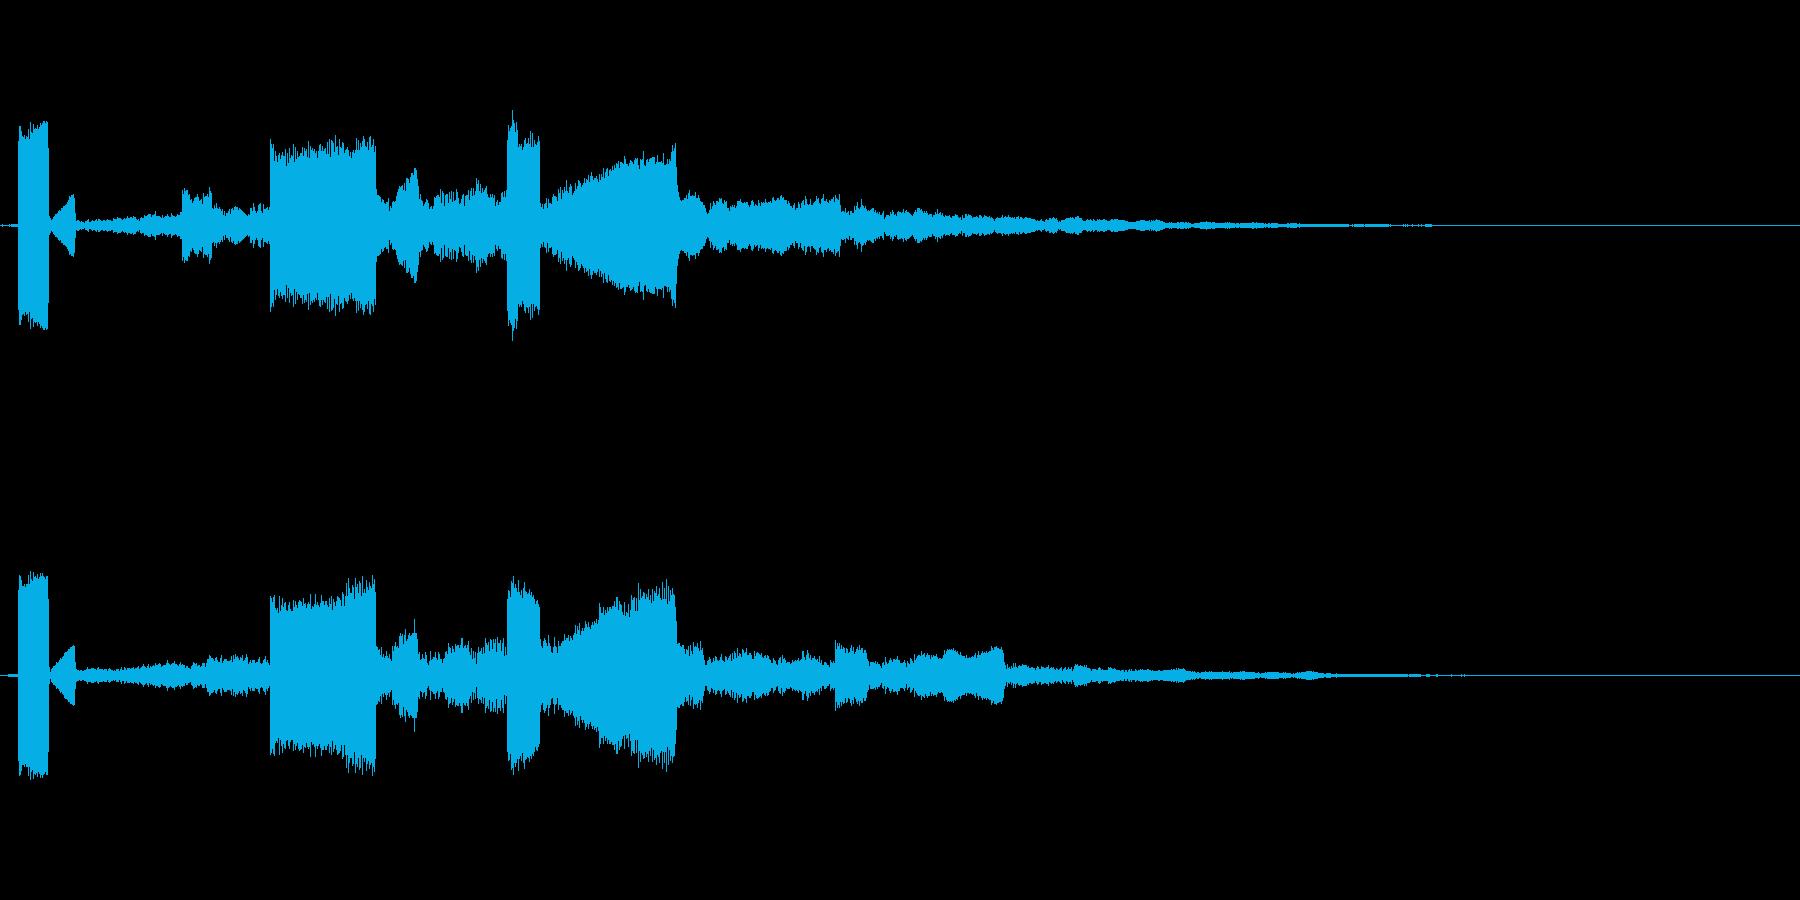 サウンドロゴ、スタート音。宇宙 不思議の再生済みの波形